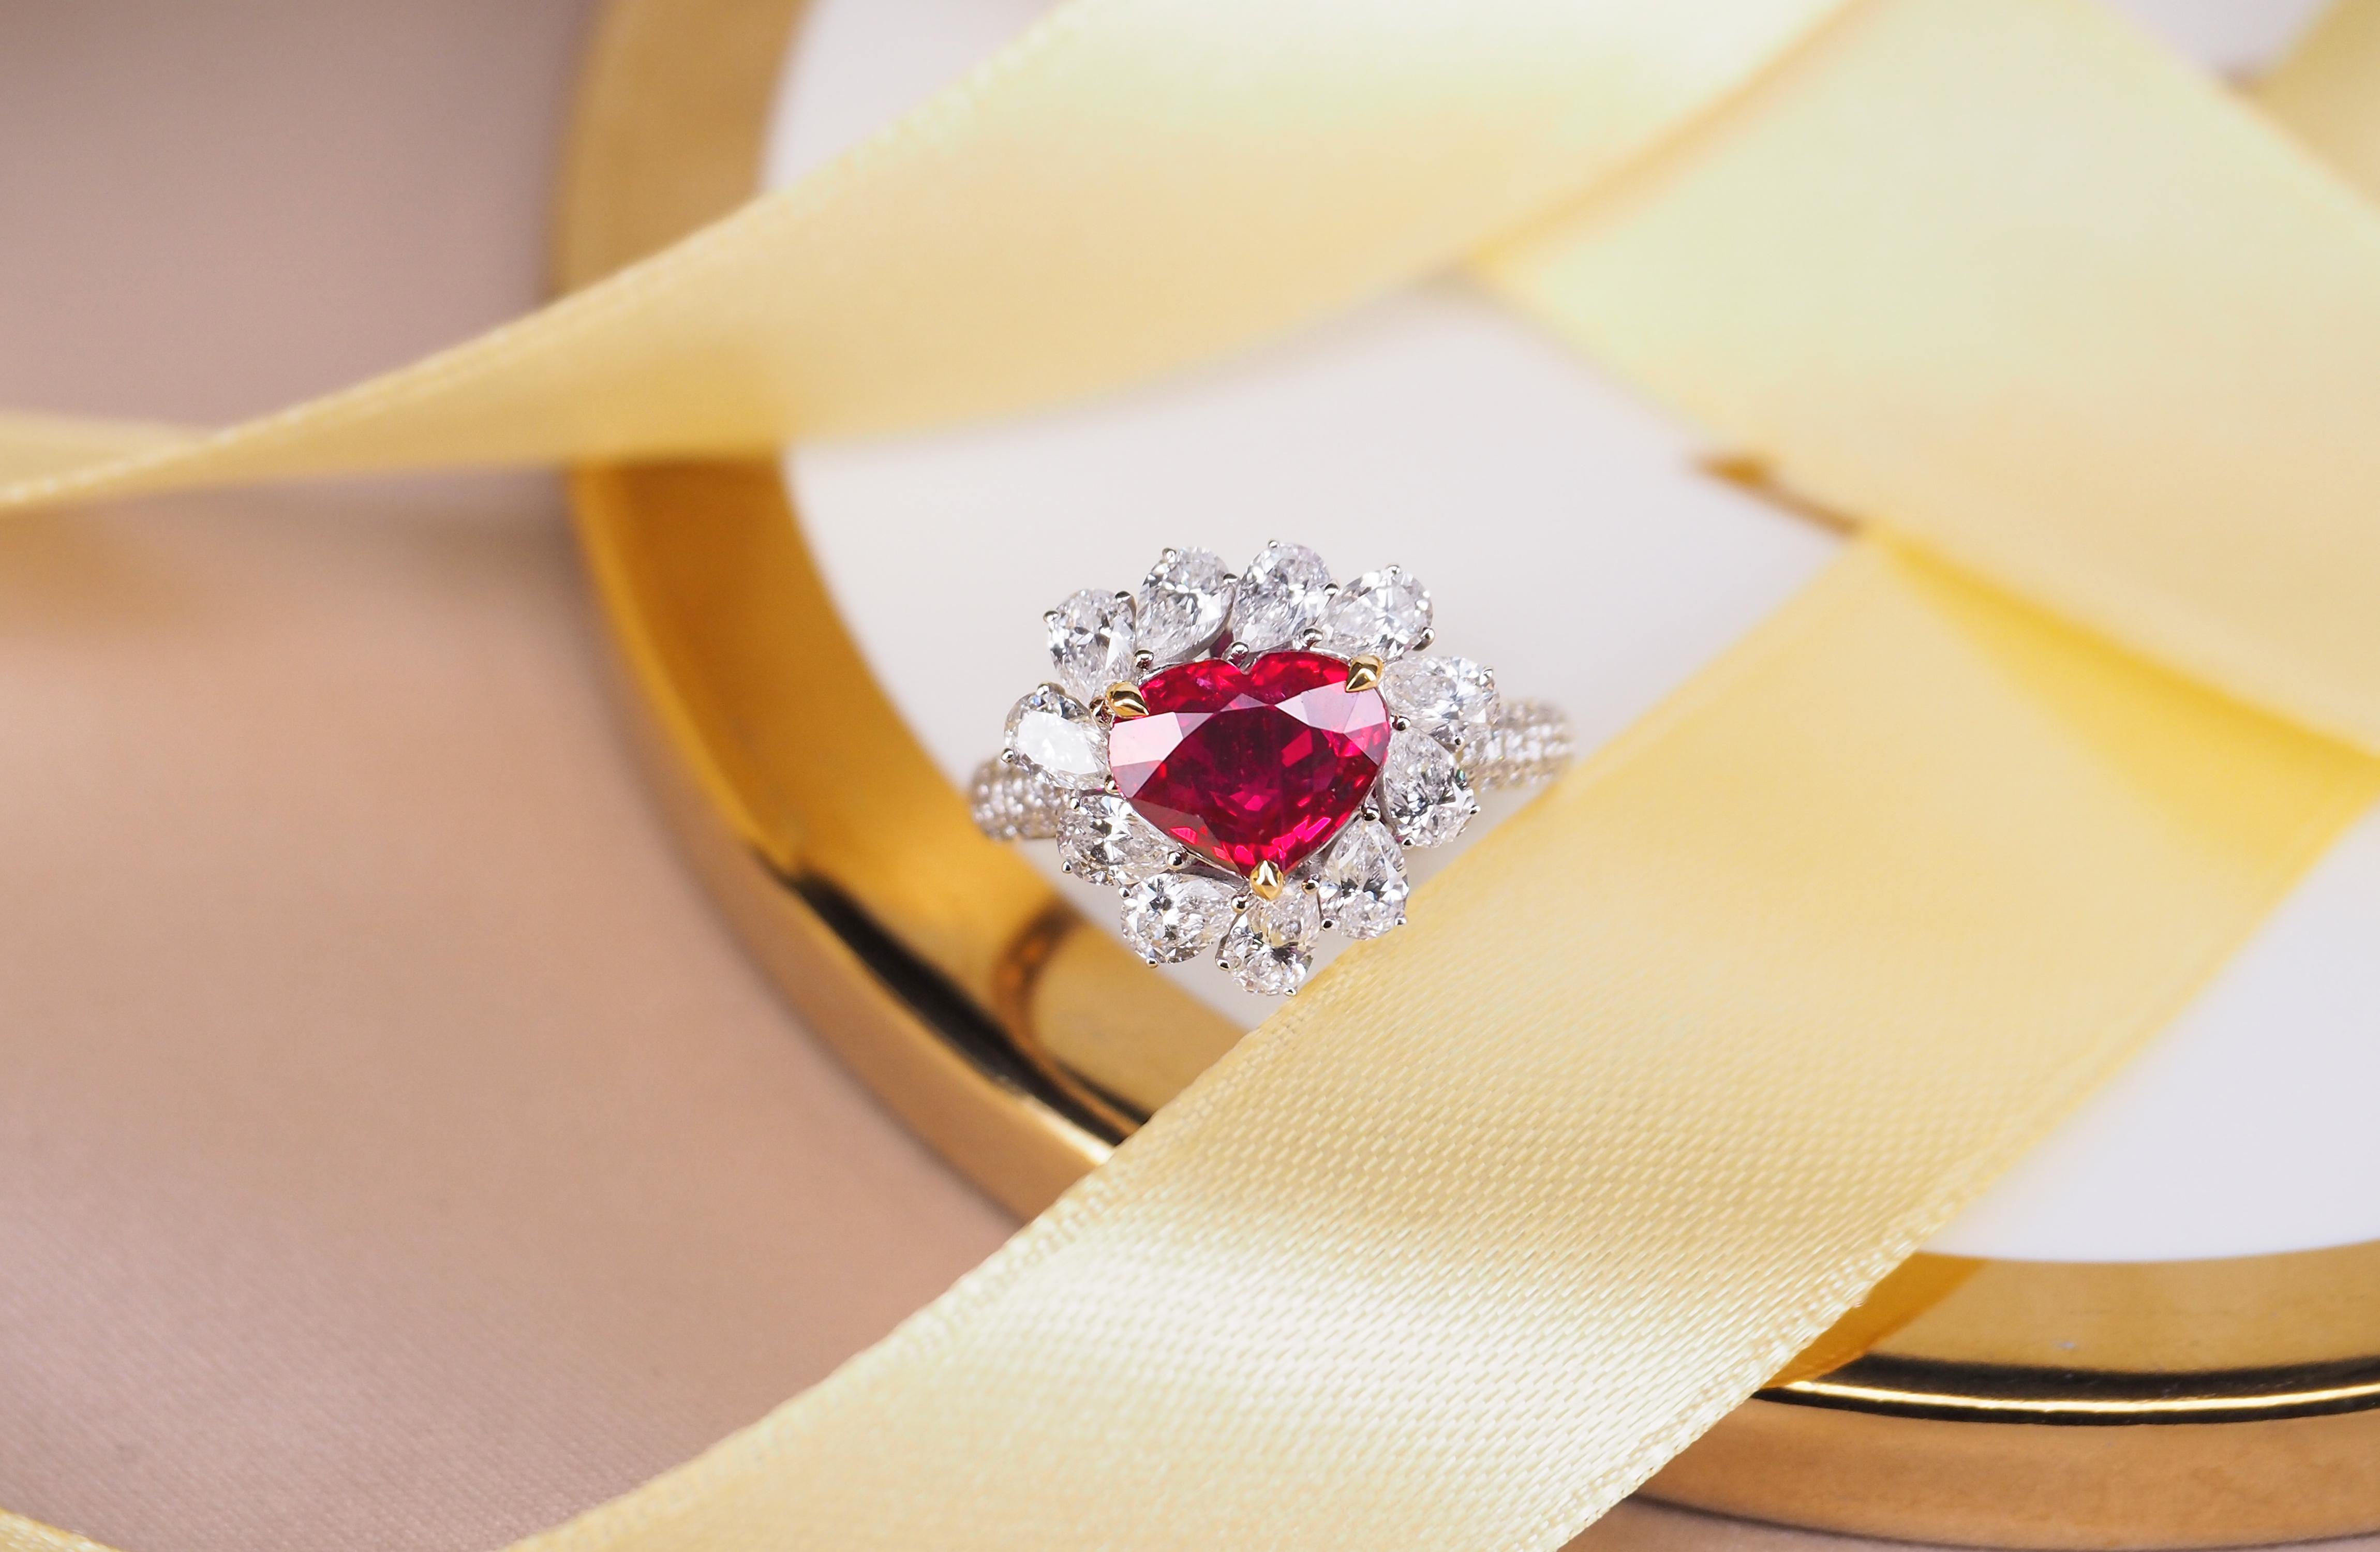 人造红宝石和天然红宝石值不值得花时间区分?